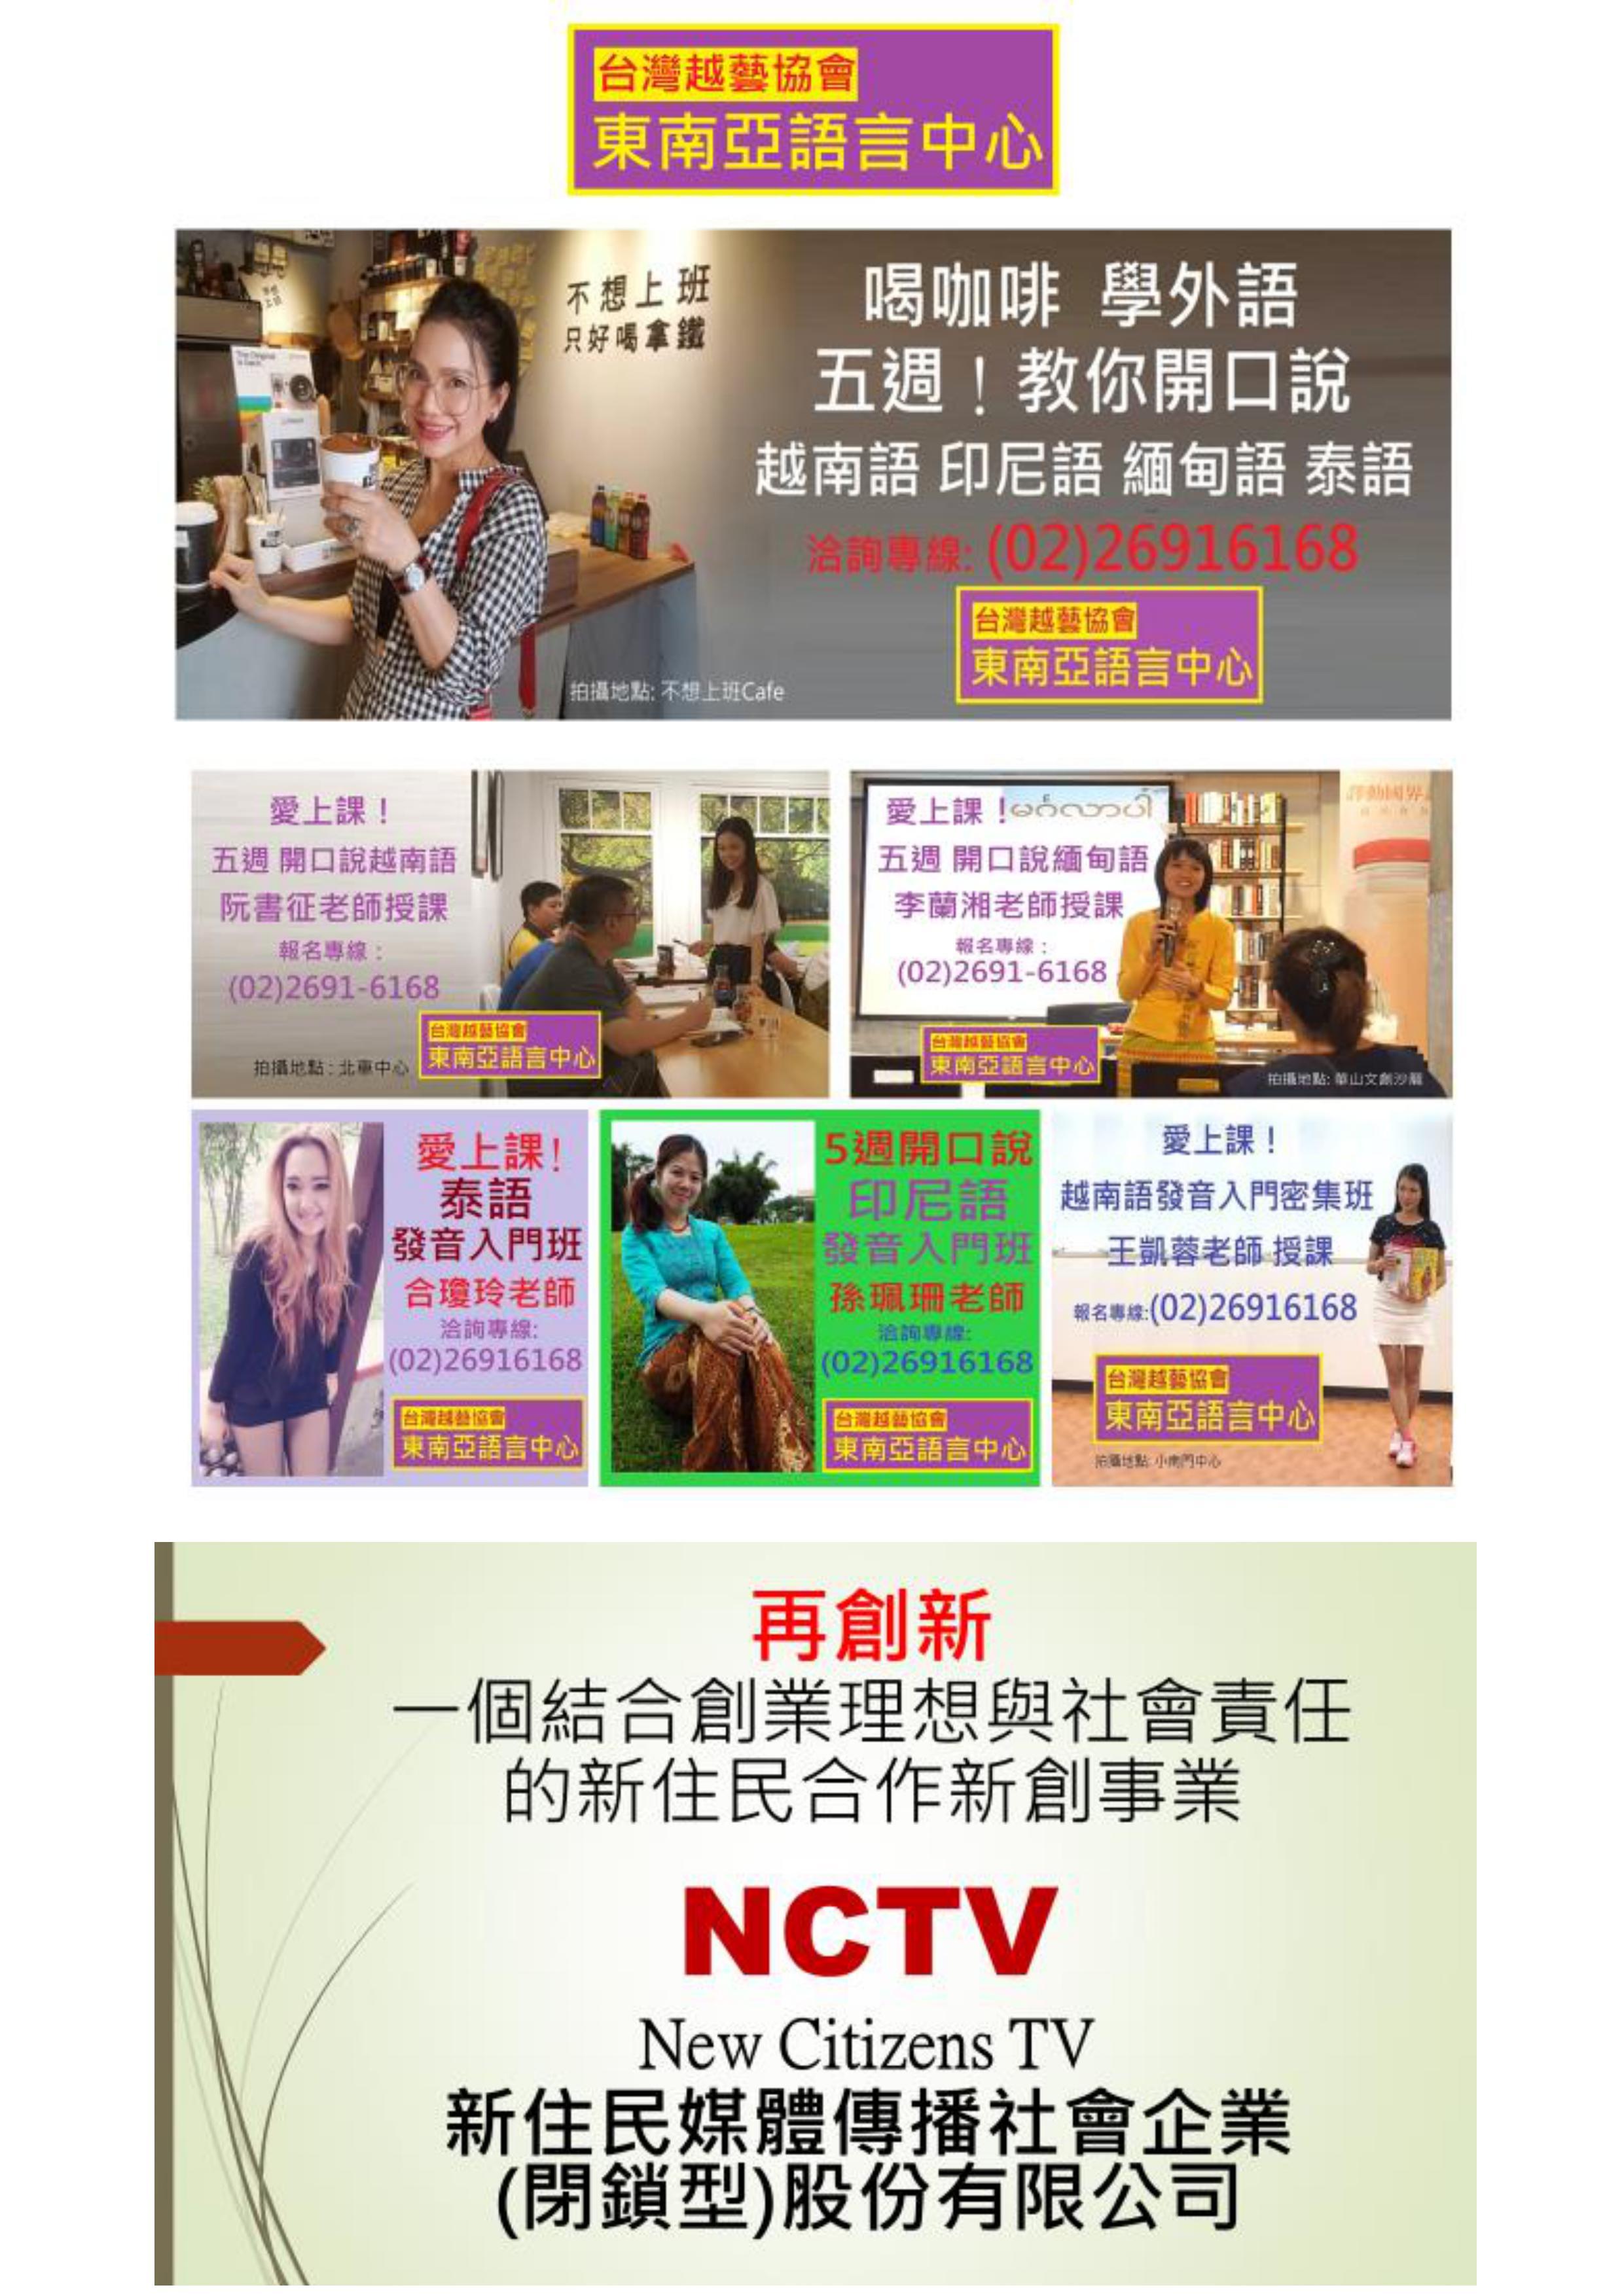 0010.jpg - 陳凰鳳與越藝之星-Ngôi sao Việt tại Đài Loan-NCTV台灣新住民媒體